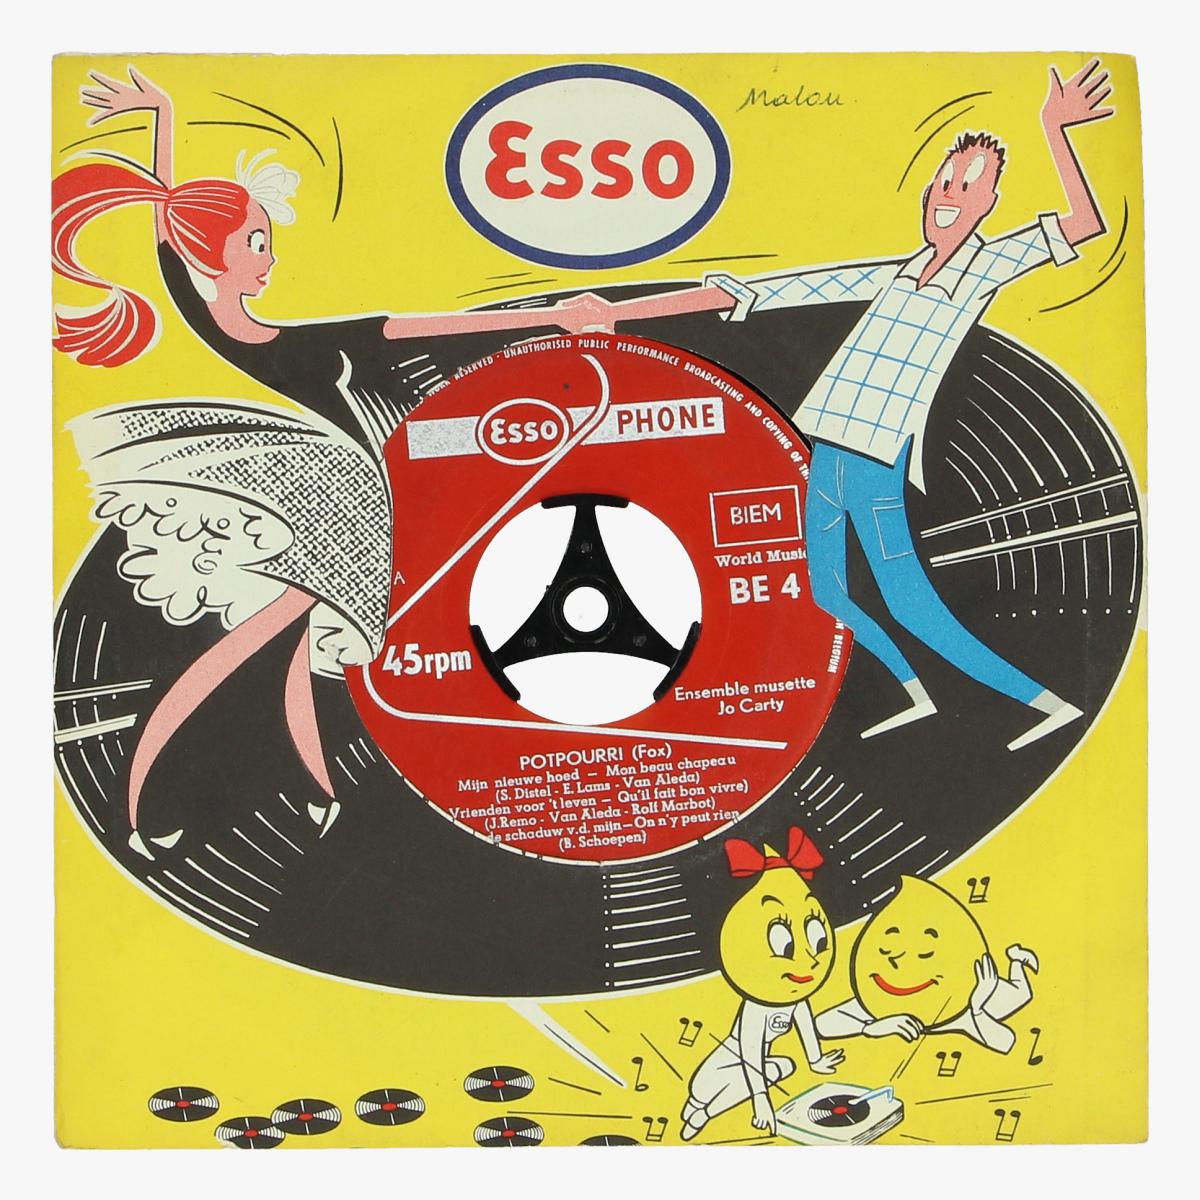 Afbeeldingen van muziek single Esso